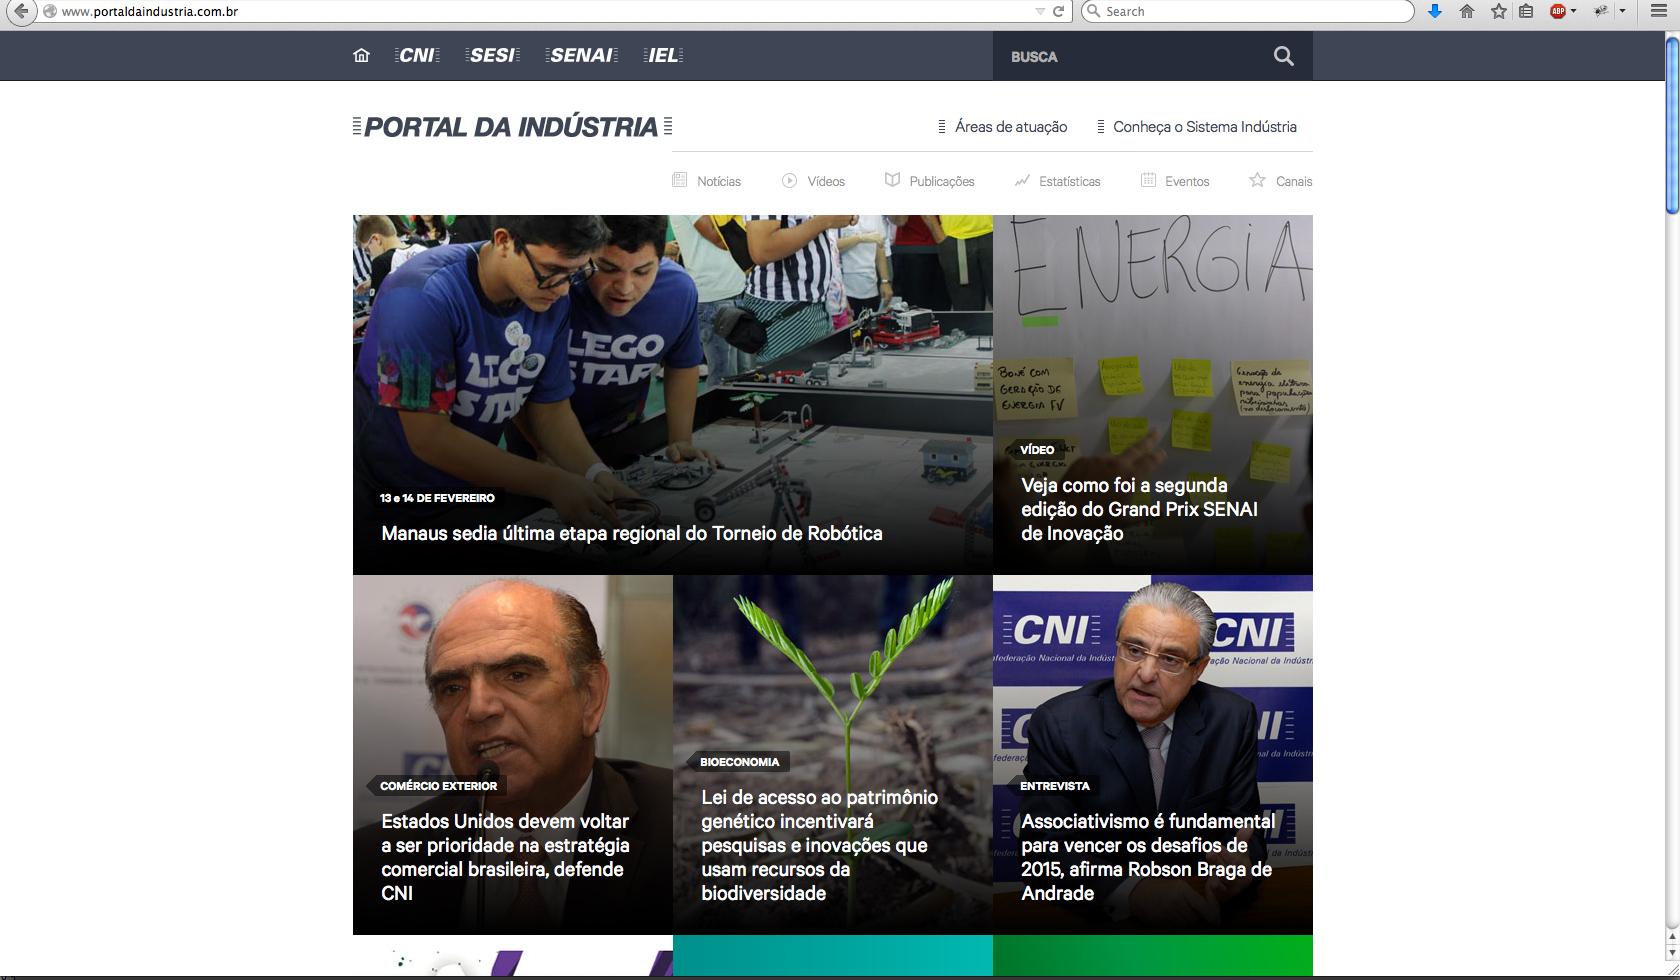 Tela inicial do site